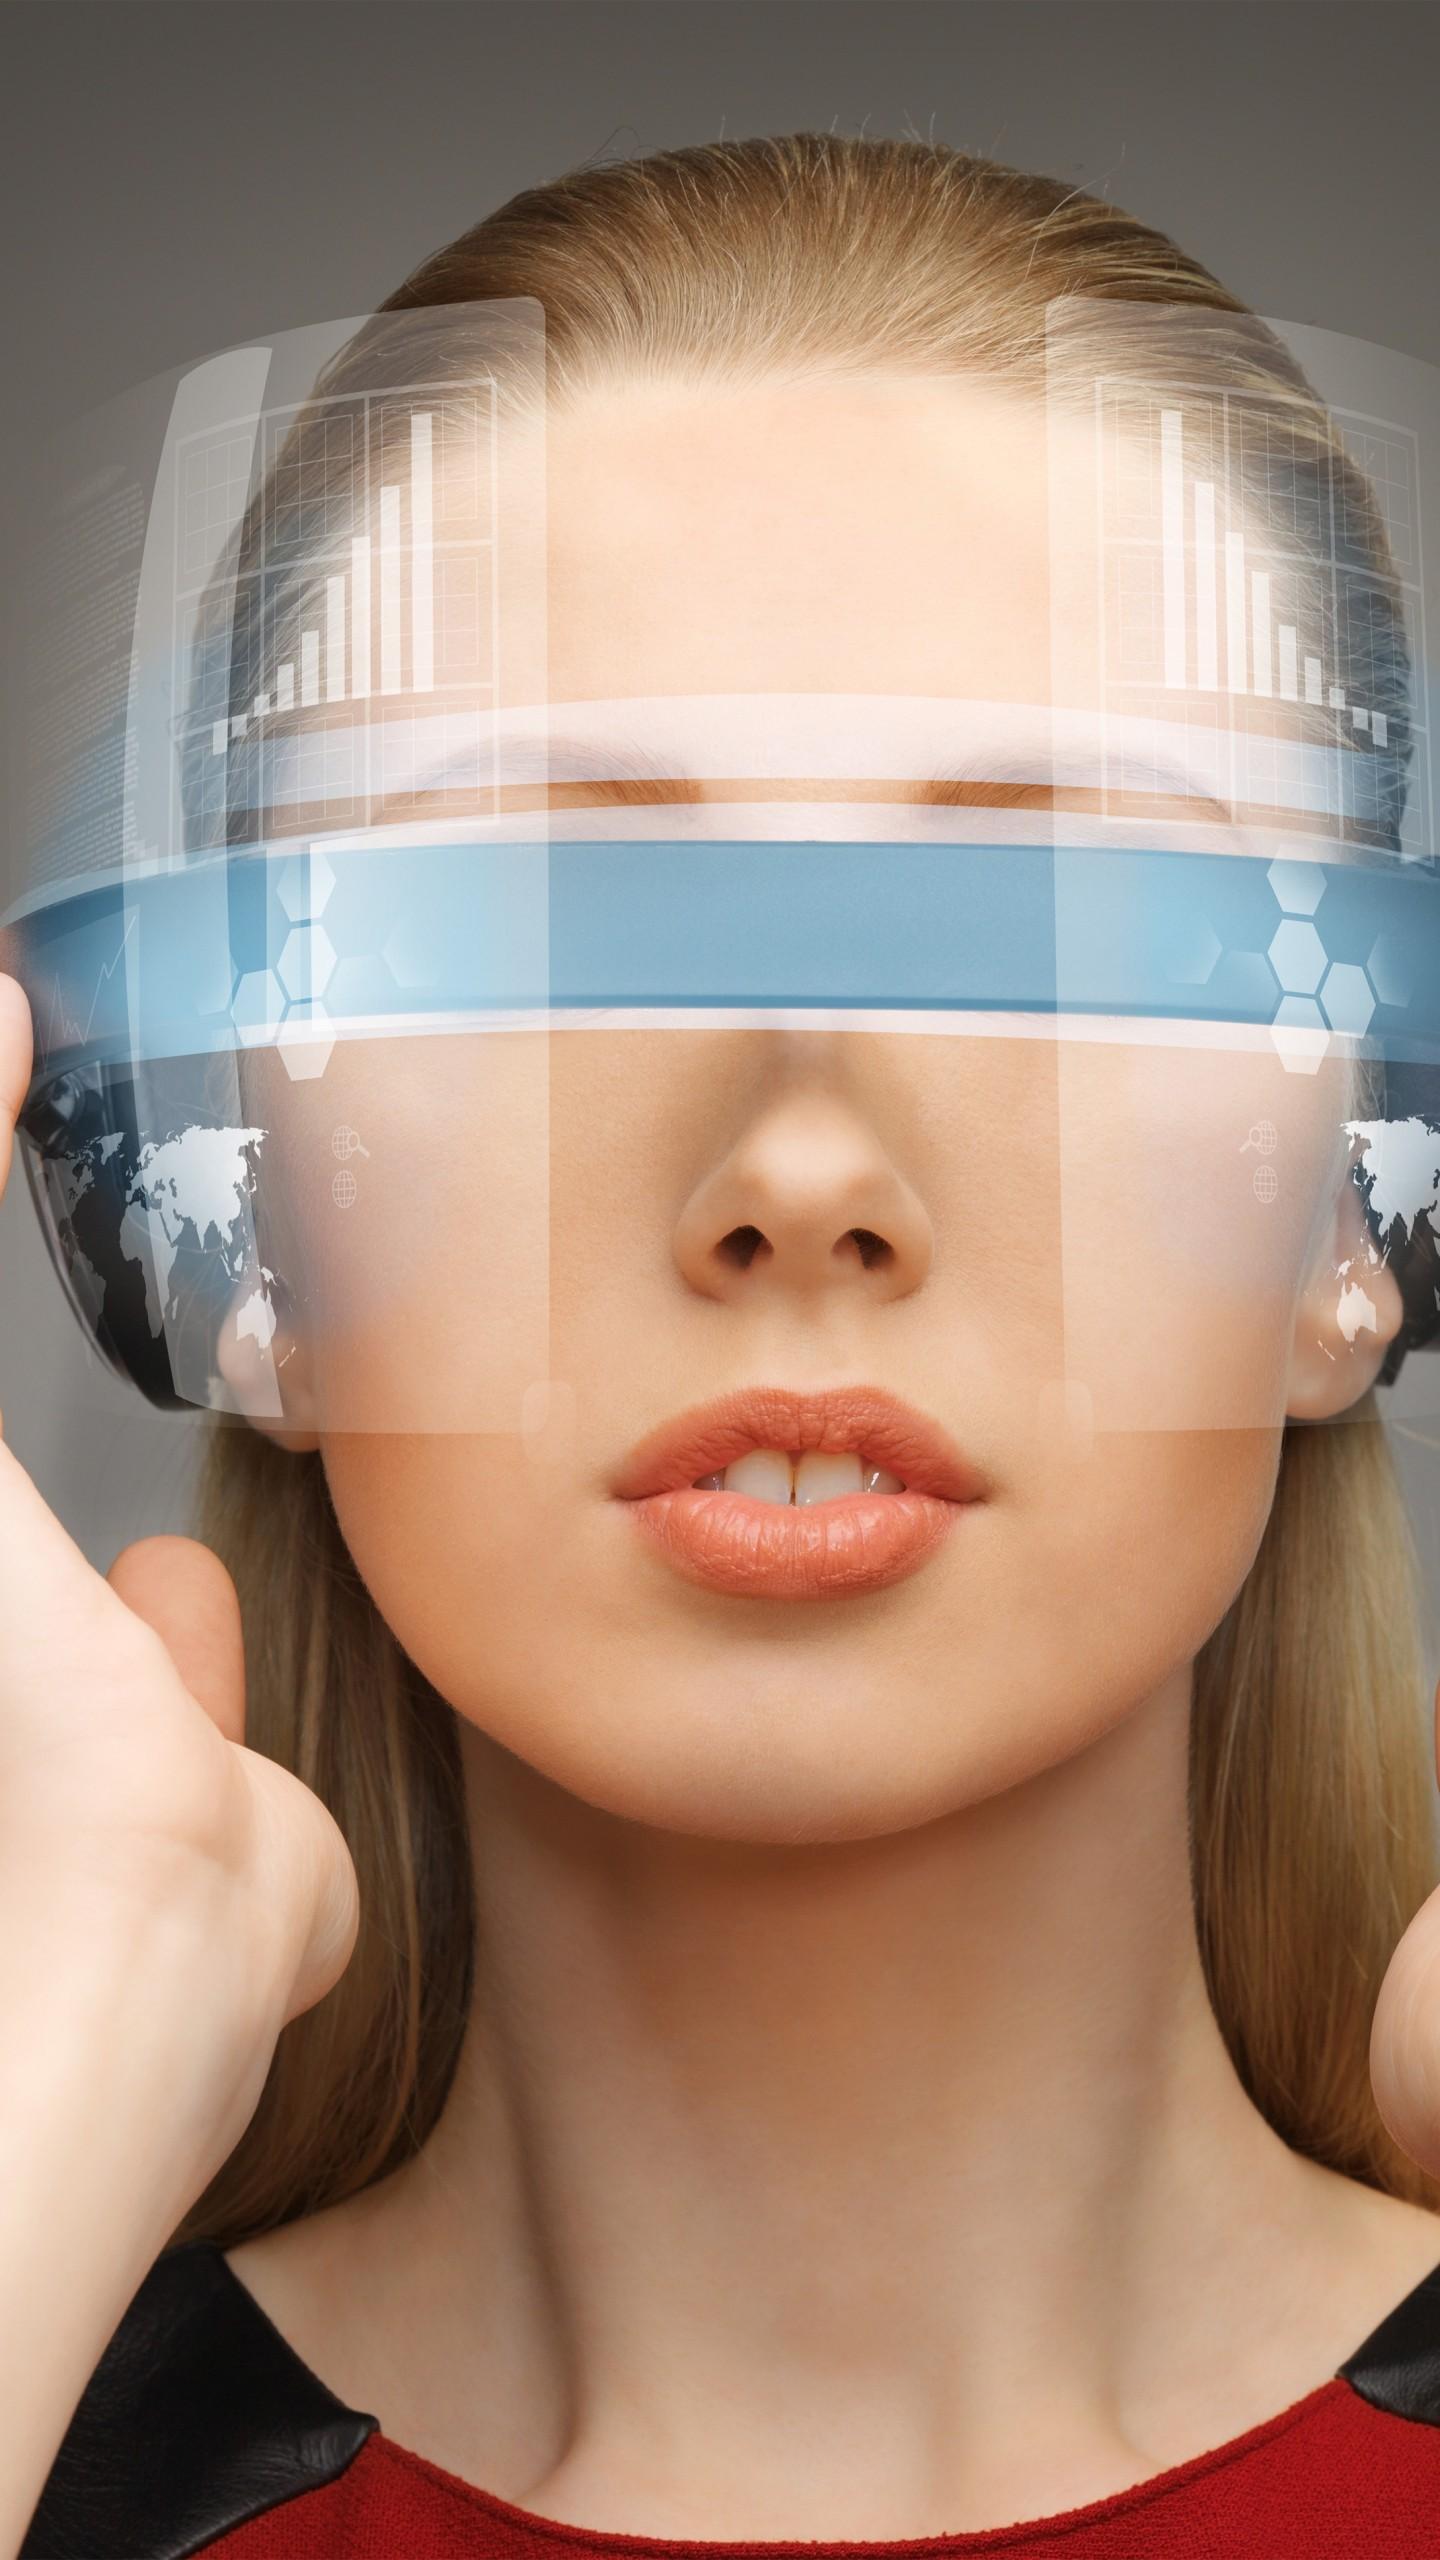 عکس زمینه واقعیت مجازی و مفهوم فناوری VR پس زمینه